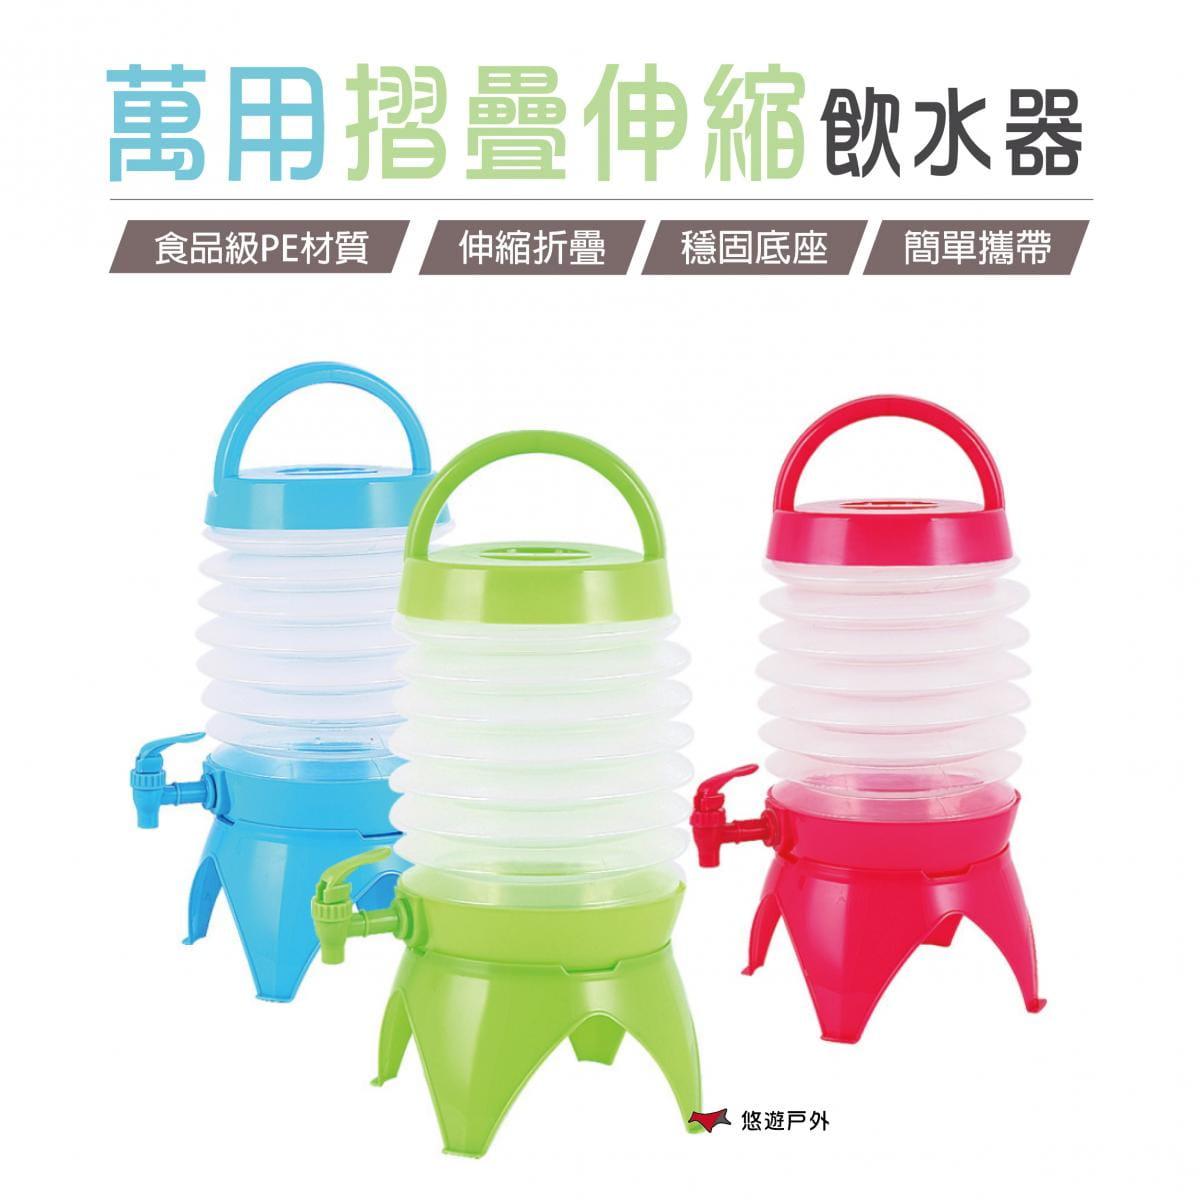 萬用摺疊伸縮飲水器 摺疊戶外飲水機  露營 野炊 悠遊戶外 0